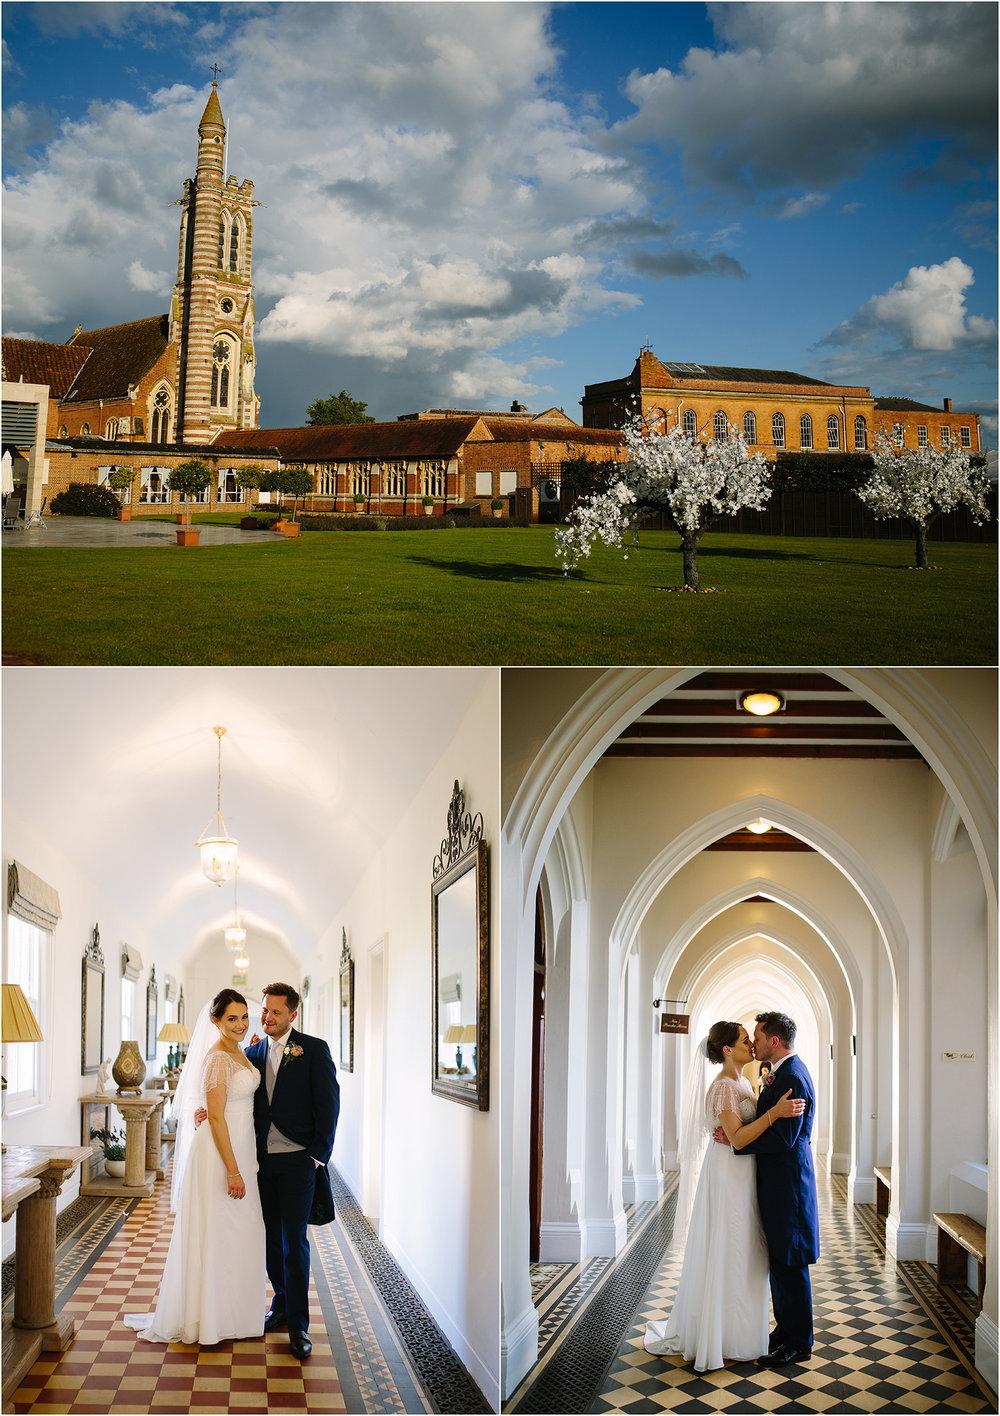 stanbrook-abbey-wedding-worcester-084.jpg